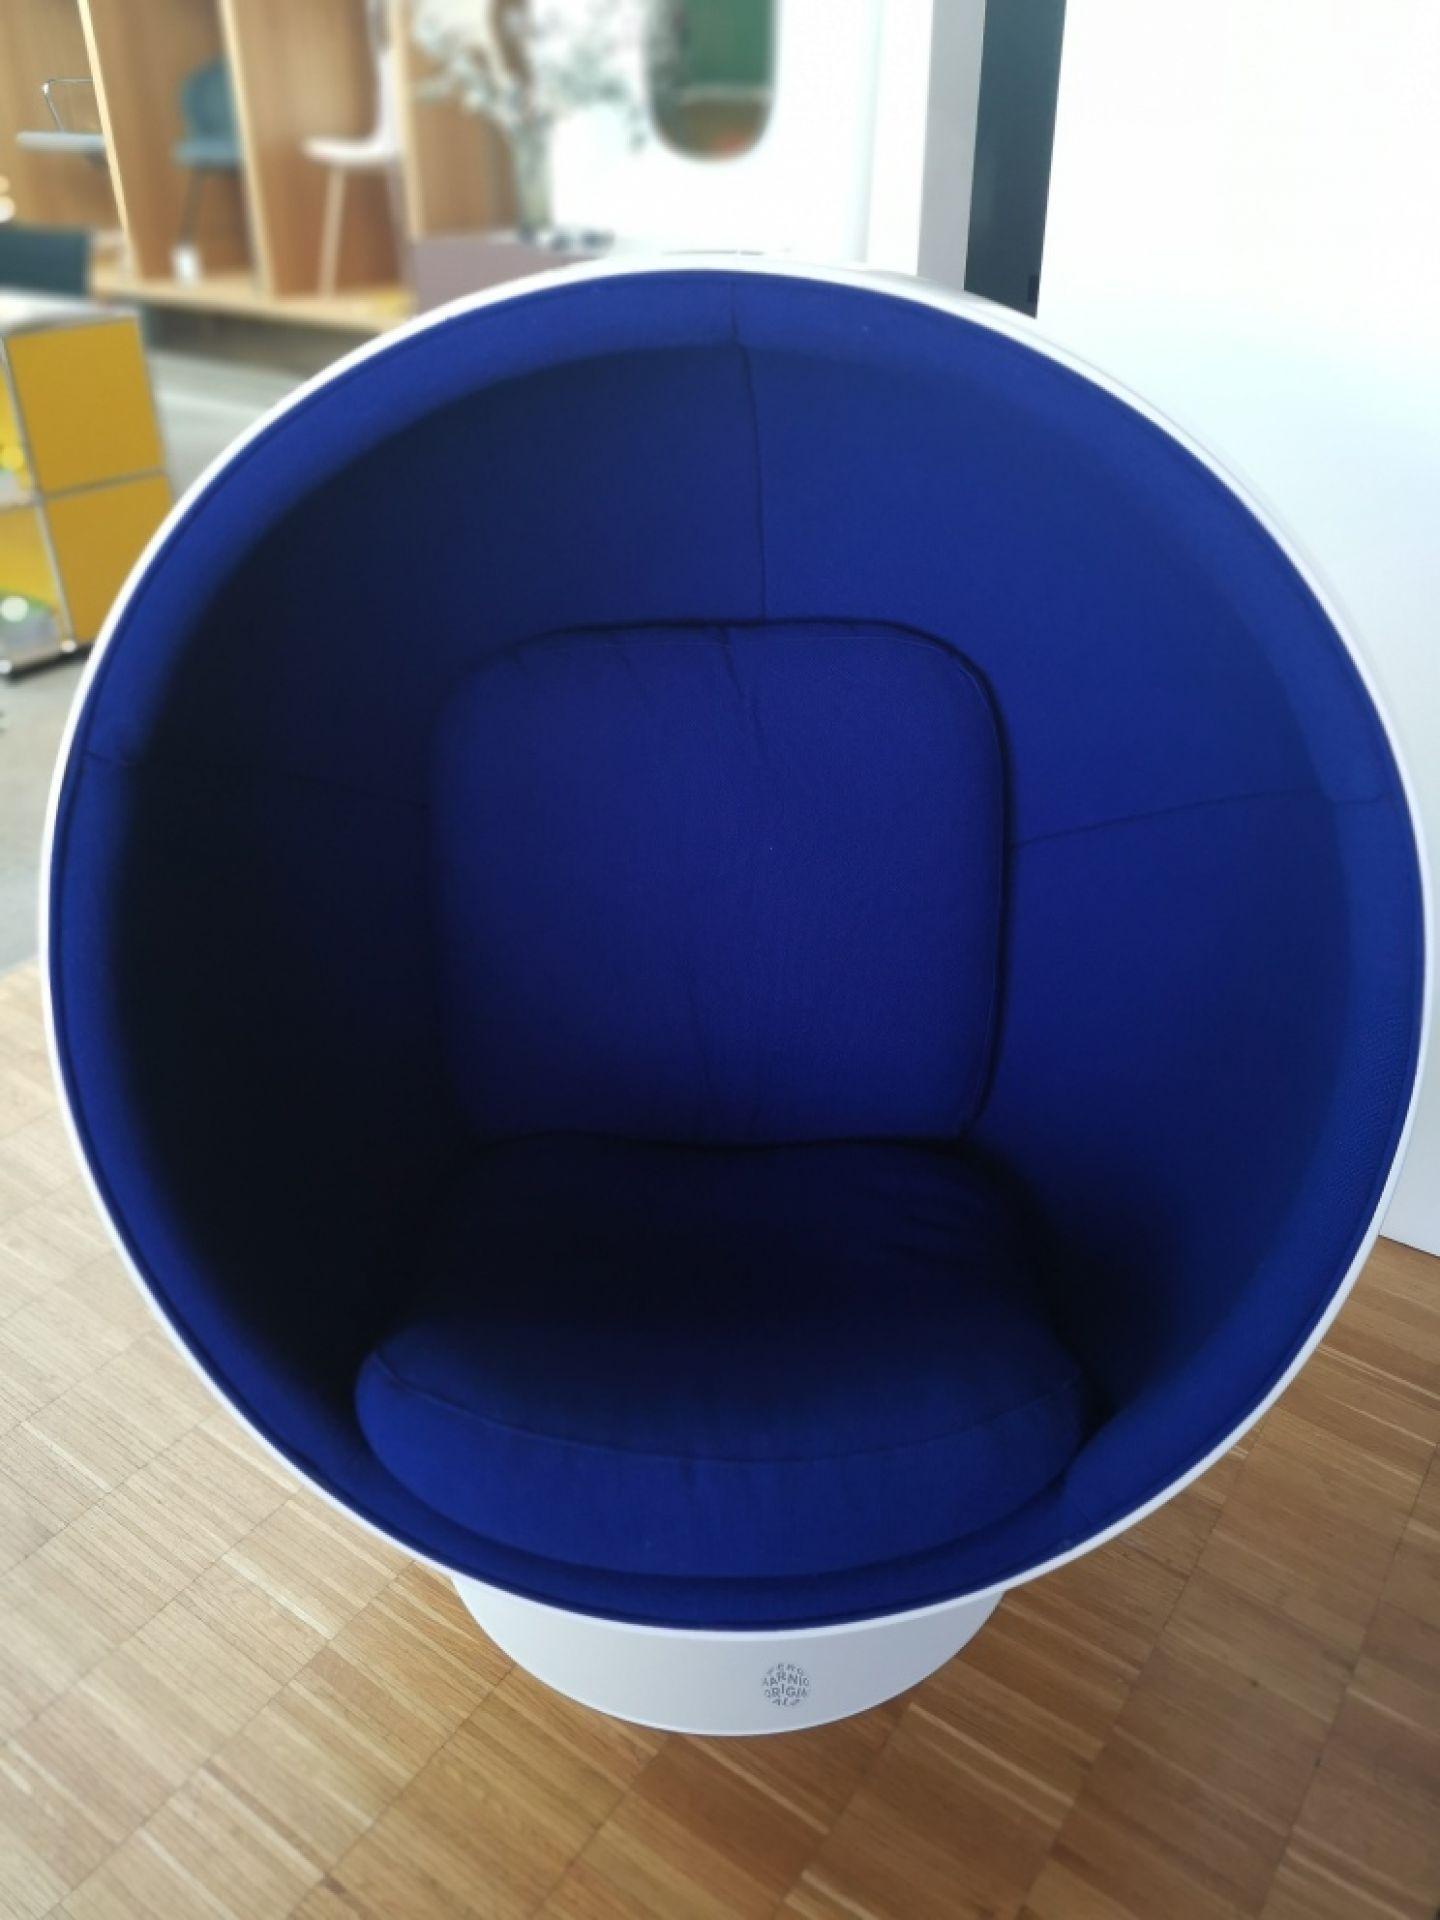 Ball Chair Hallingdal Blue 753 Eero Aarnio Originals EXHIBITION PIECE